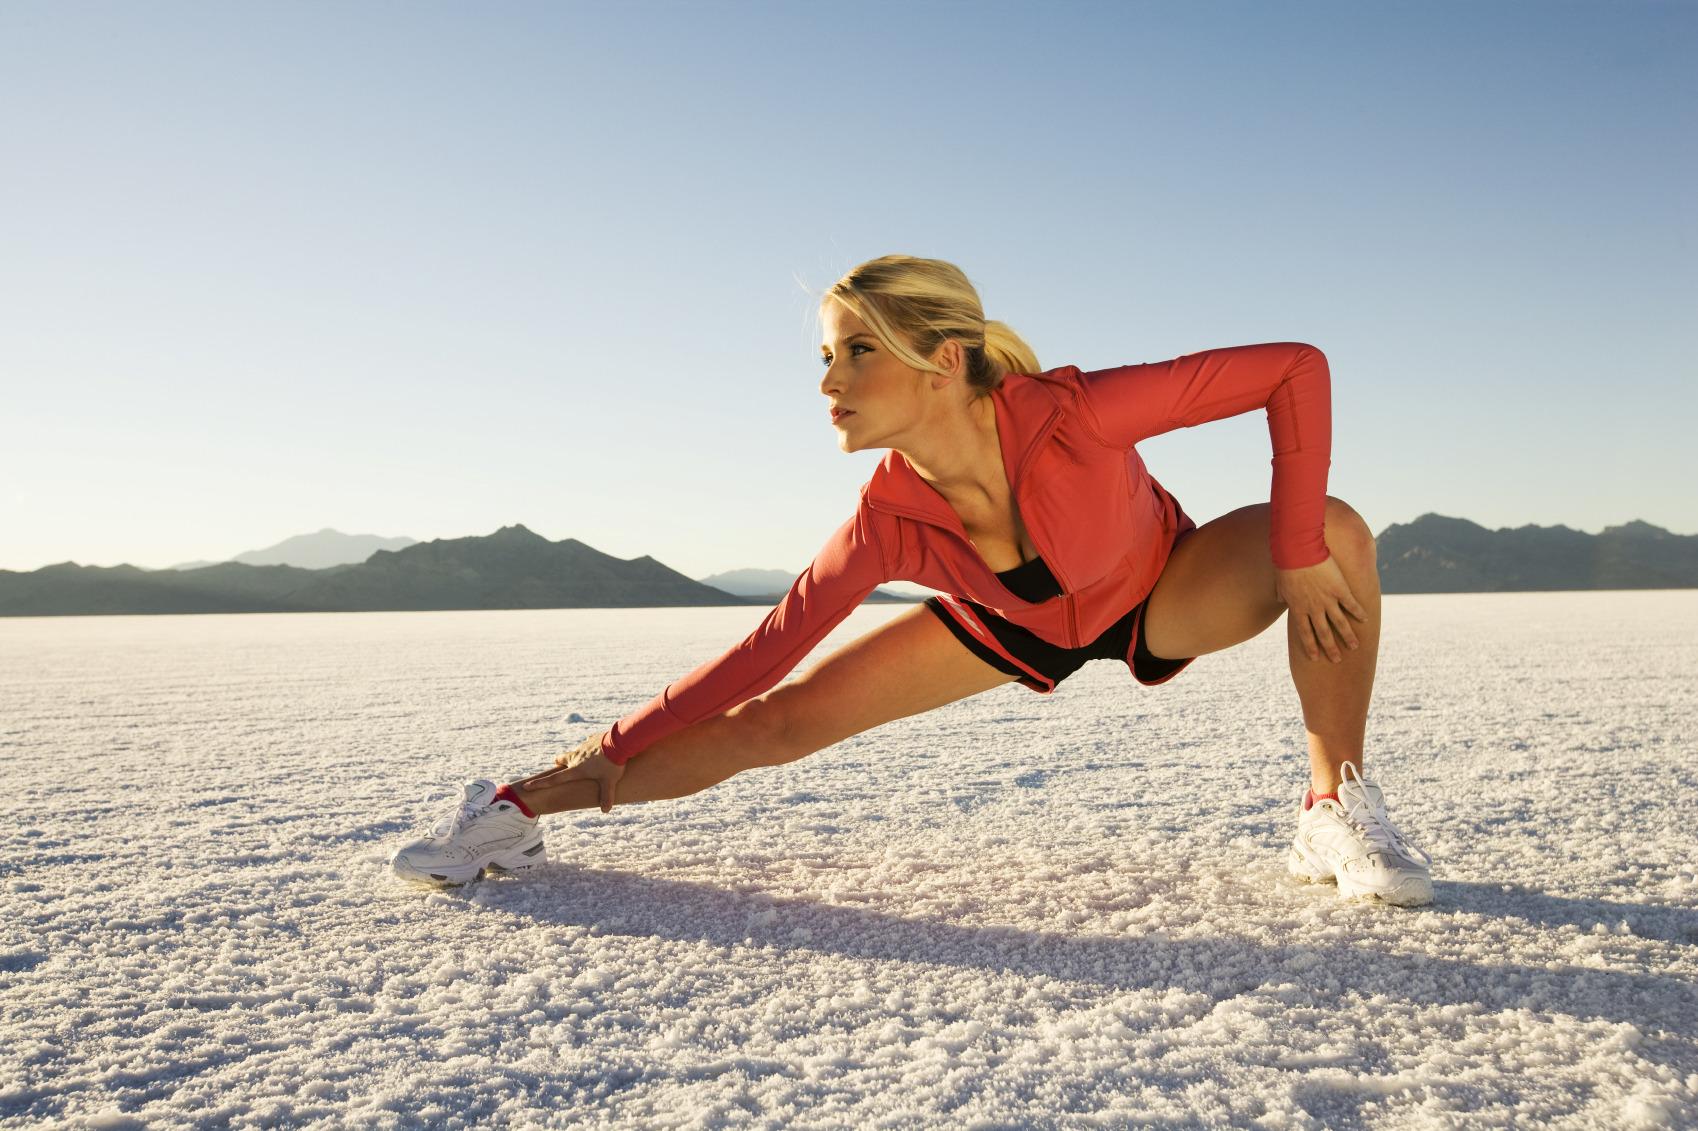 Mujer realiza estiramientos en una superficie de arena